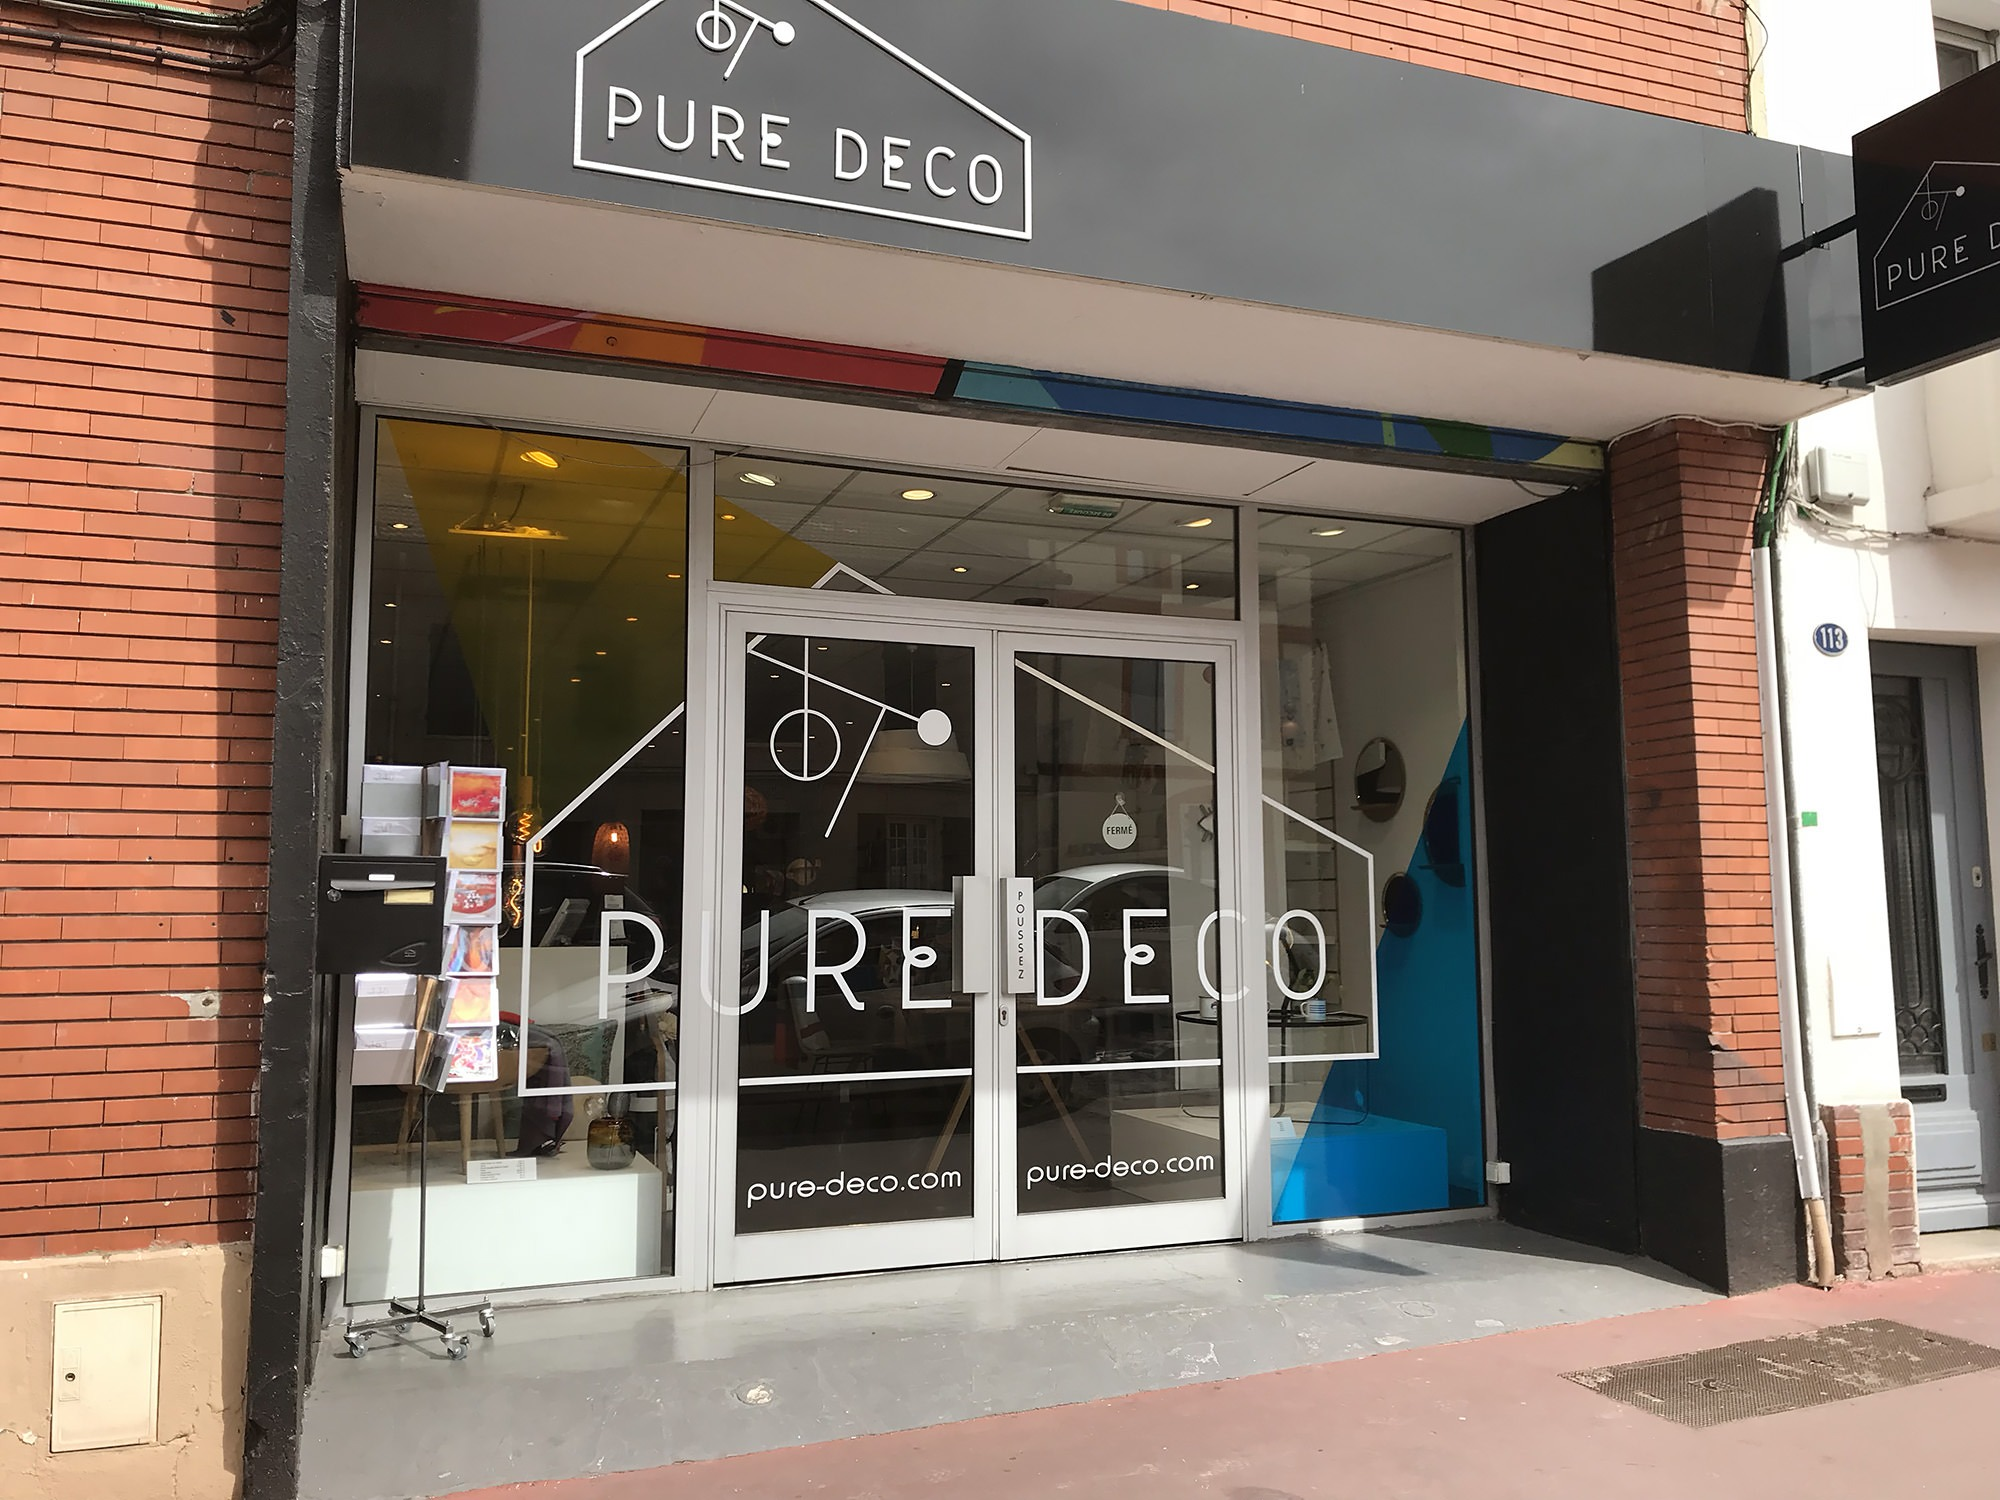 PUREDECO-logo-devanture